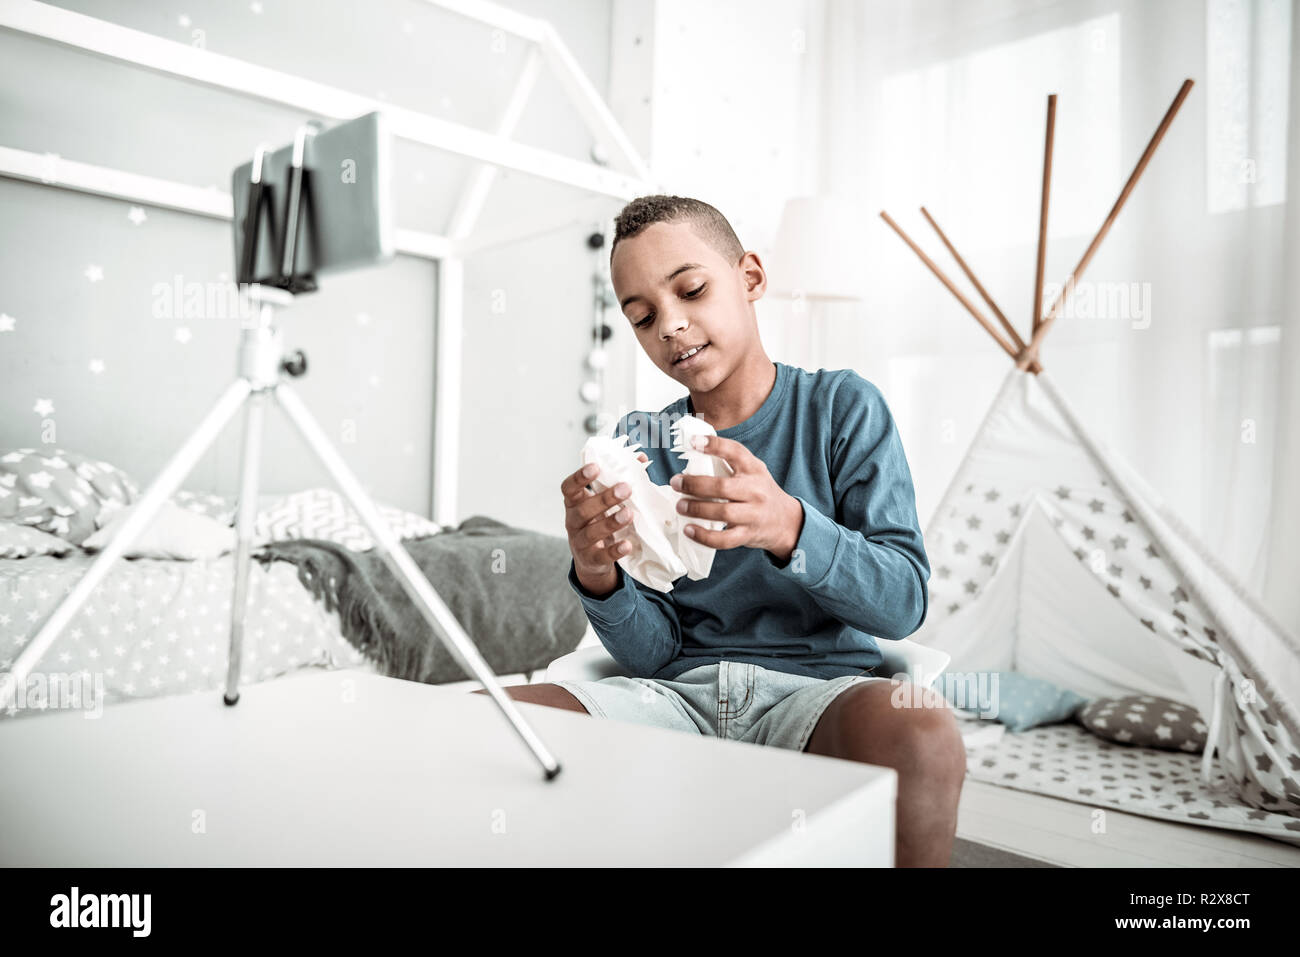 Positiv netter Junge Holding ein Dinosaurier Schädel Modell Stockbild